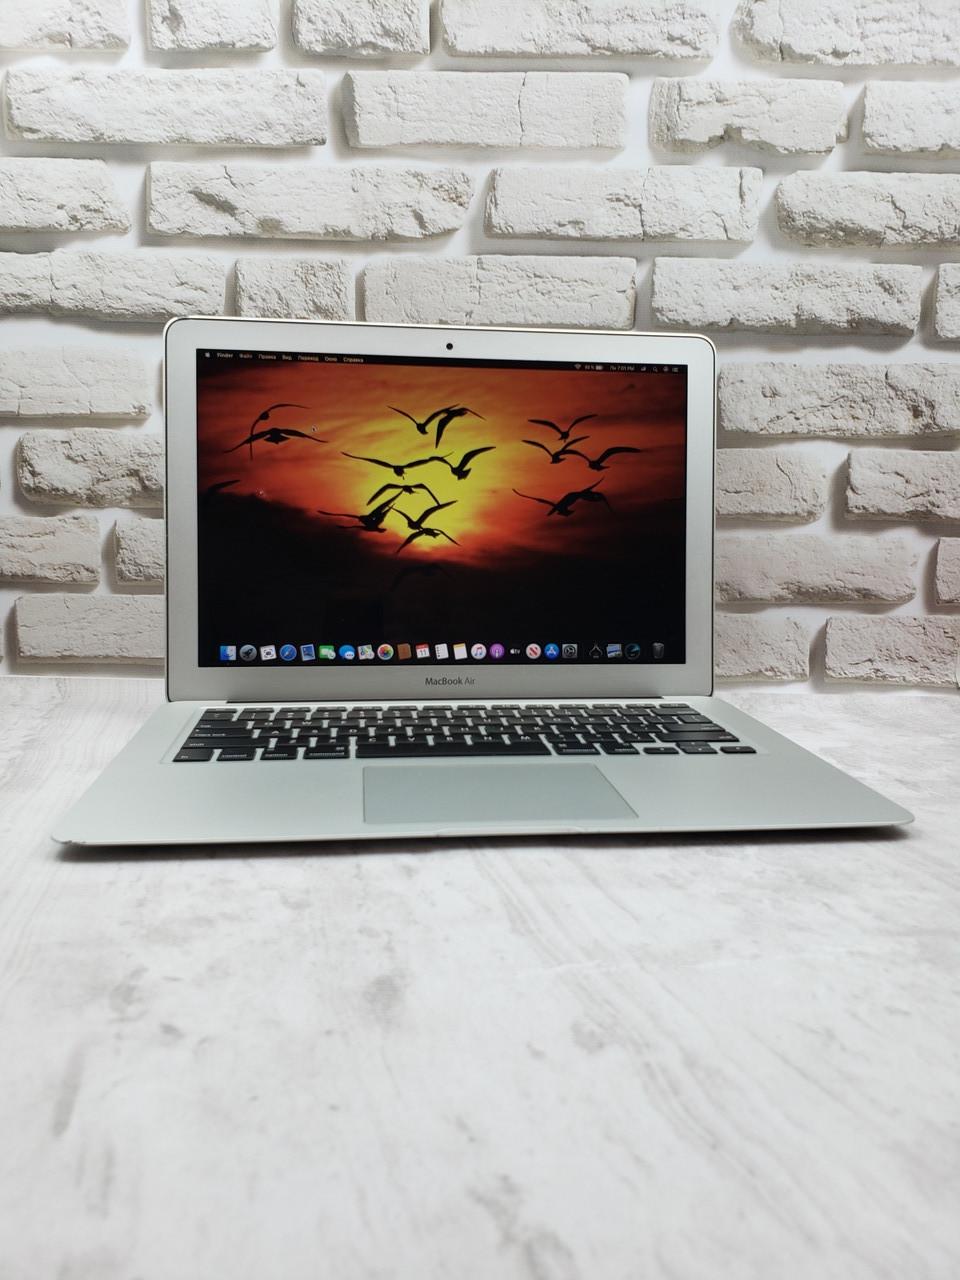 MacBook Air 13,3'' Mid 2012 i5 8Gb 128Gb SSD Магазин